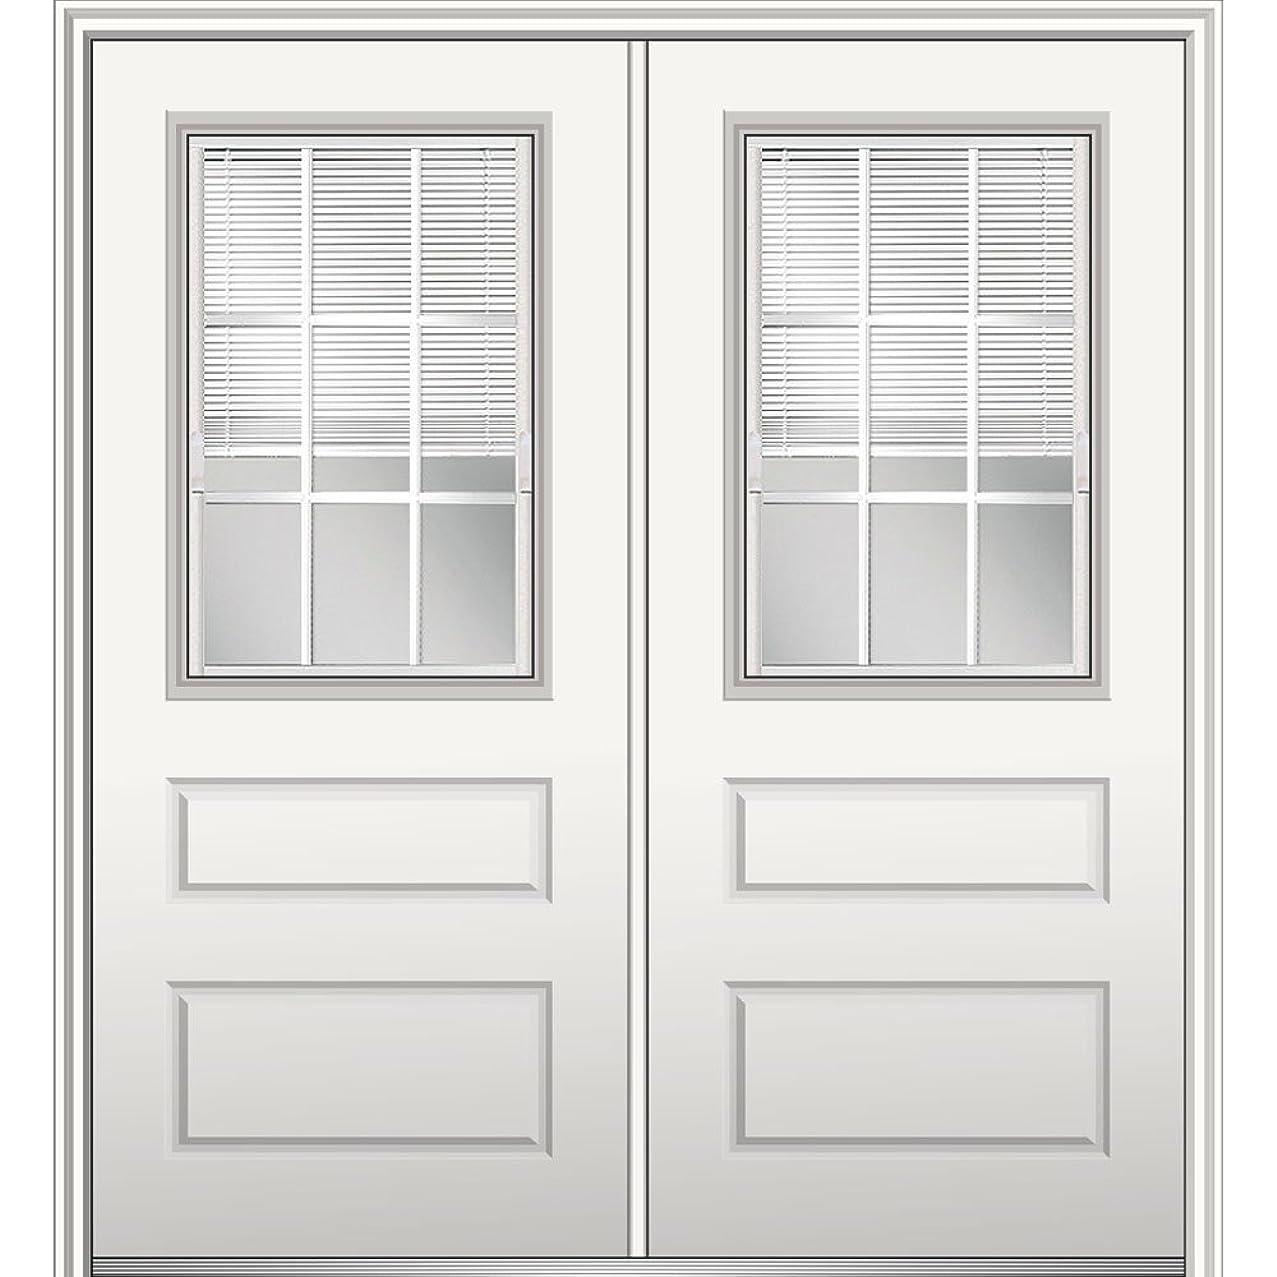 National Door Company Z029711R Fiberglass Smooth, Primed, Right Hand In-Swing, Exterior Prehung Door, Internal Blinds 1/2 Lite 2-Panel, 72